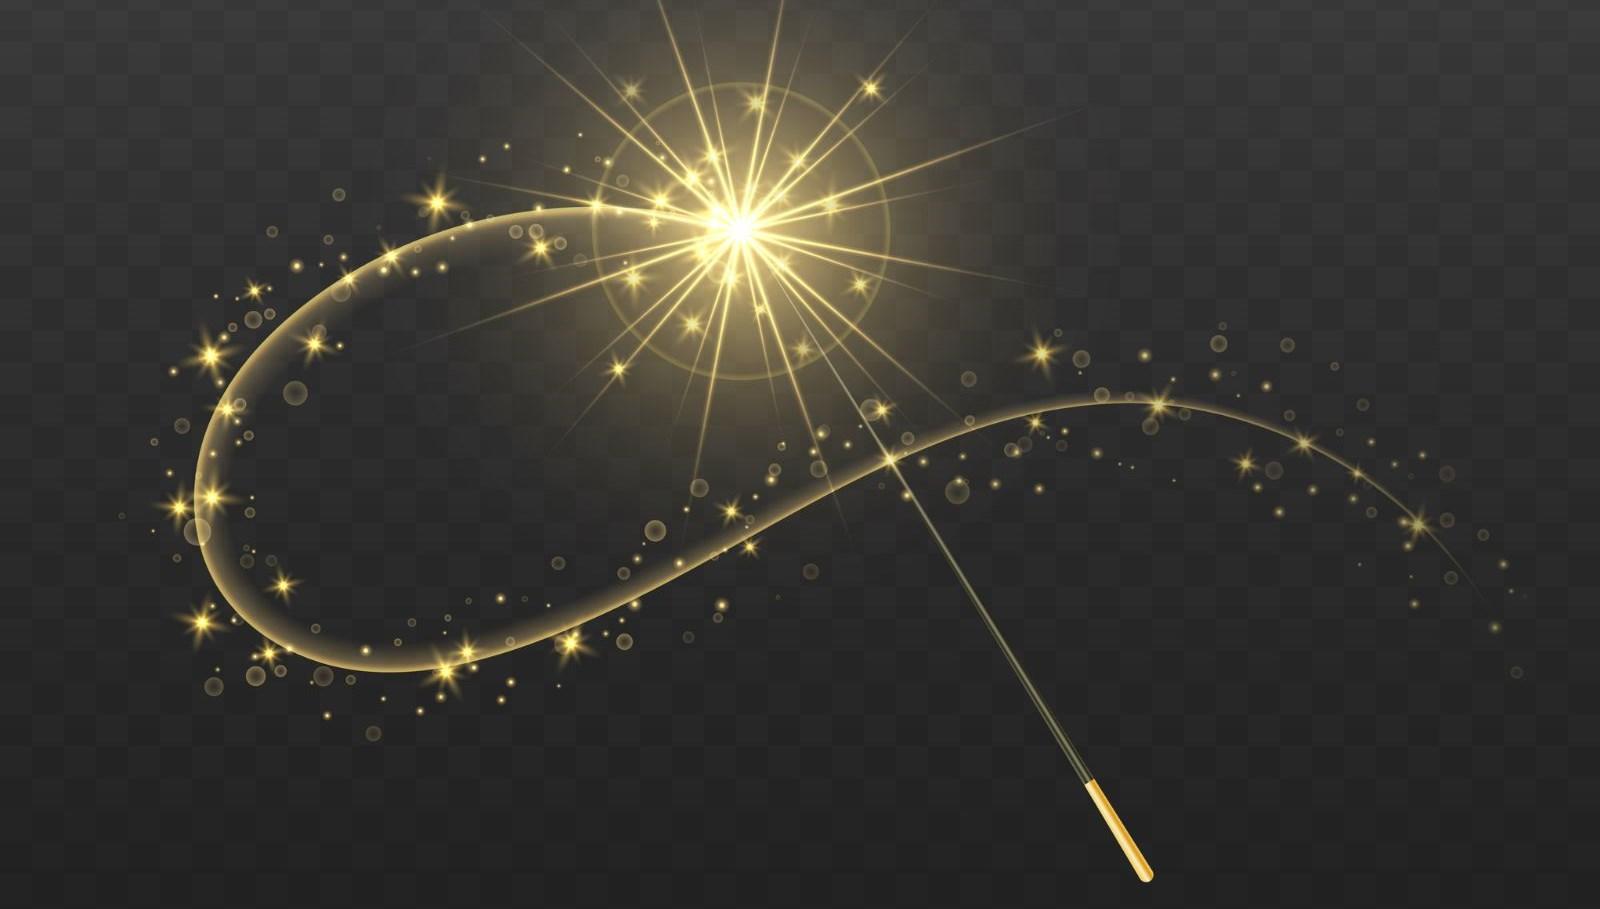 Bir Dilek Tut Derneği'ndenMake a Wish Yıldızlı Hikayeler projesi